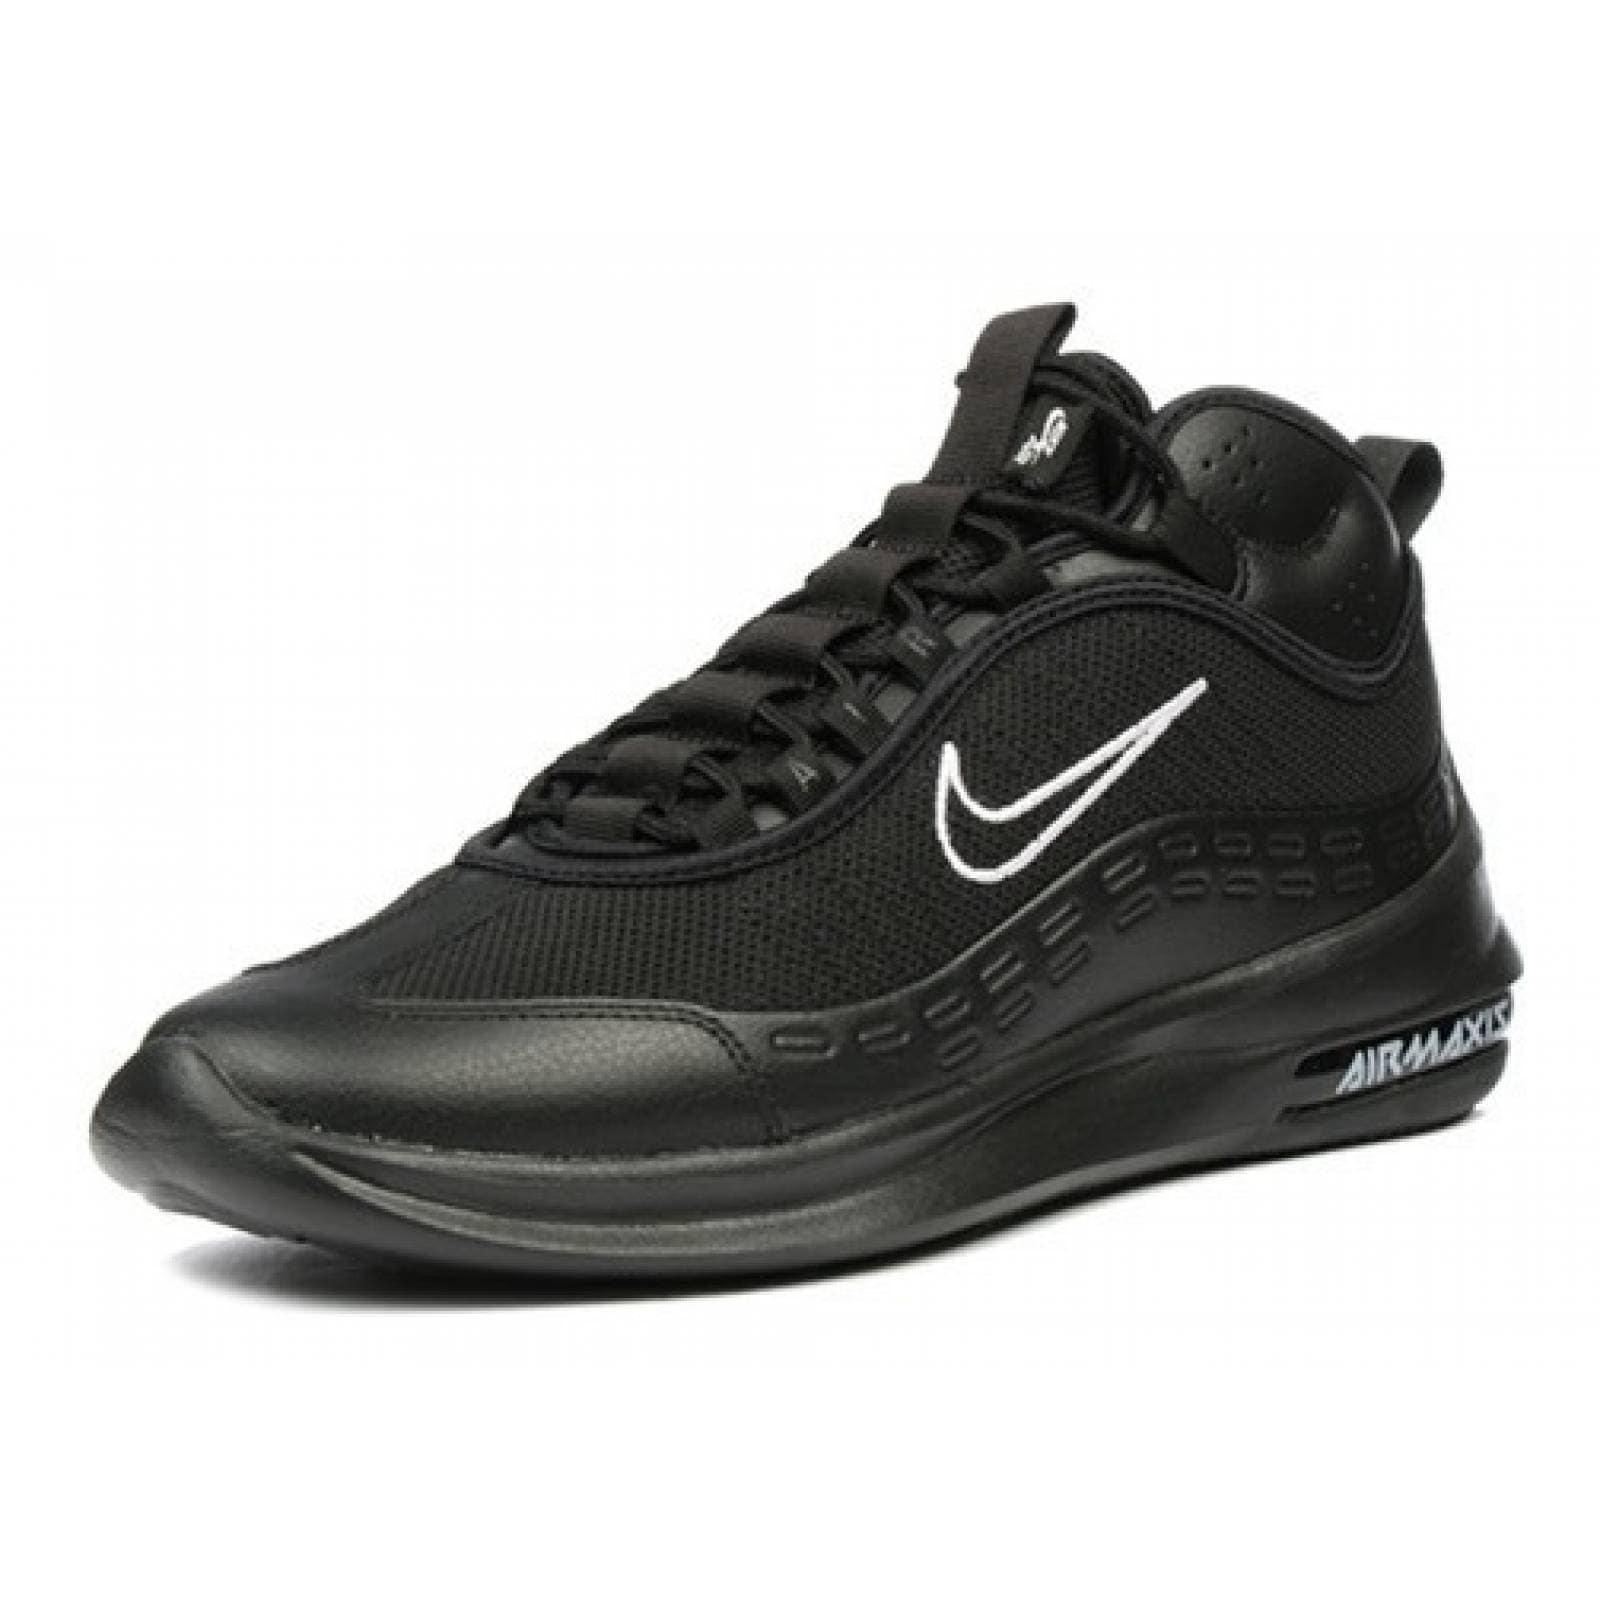 Tenis Nike Air Max Axis MID para Hombre BQ4017-002